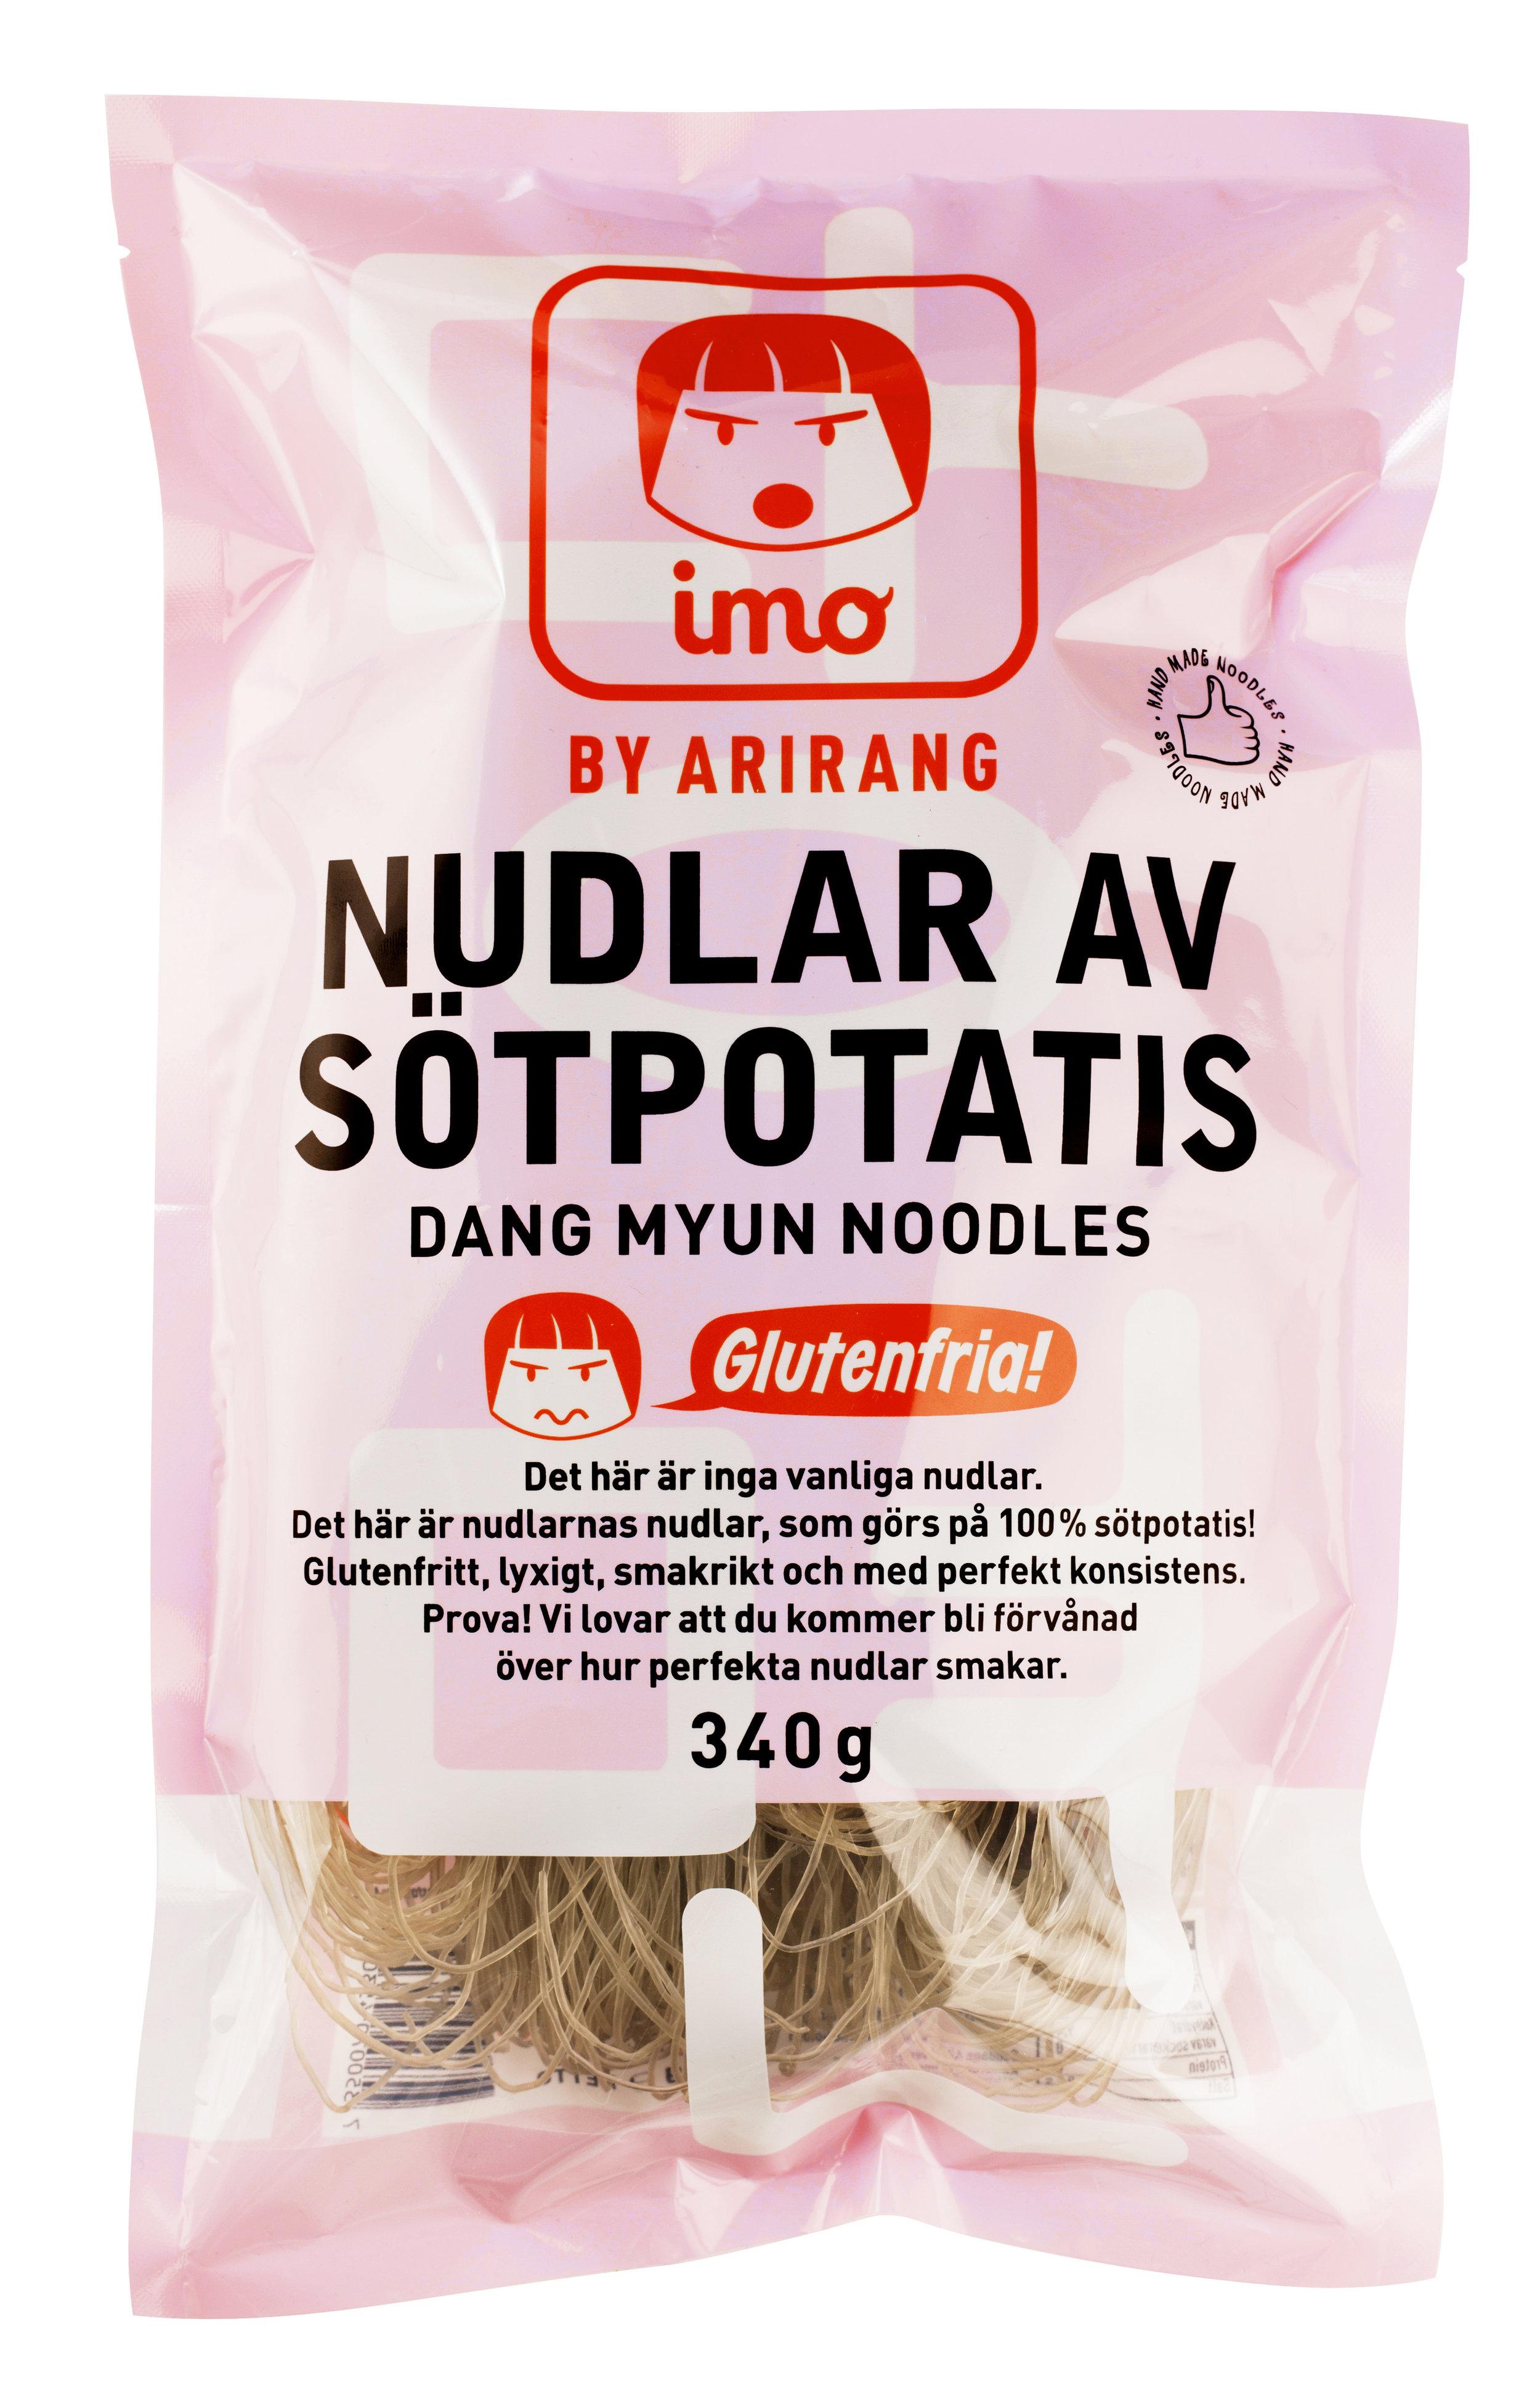 På koreanska heter de här nudlarna Dang Myun-nudlar och görs på 100% sötpotatis. De är alltså automatiskt glutenfria.